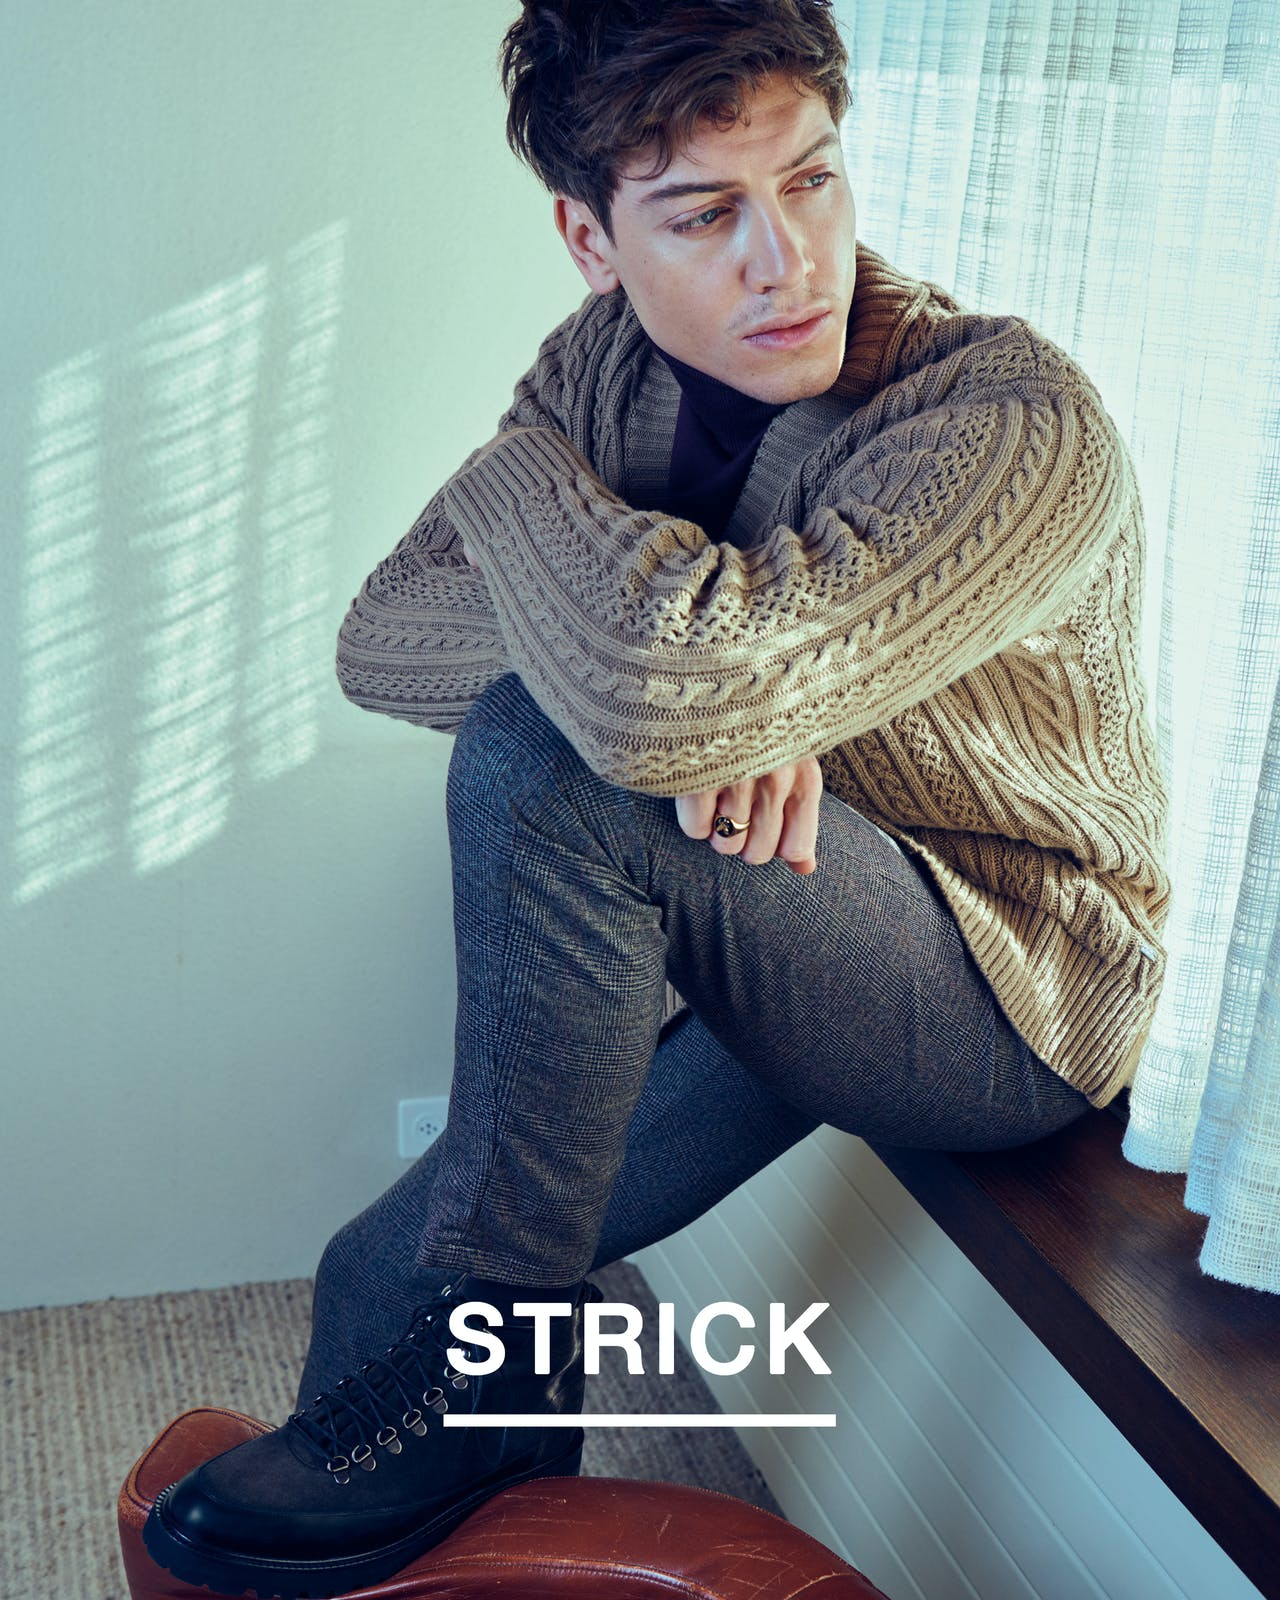 man-sit-knitwear-beige